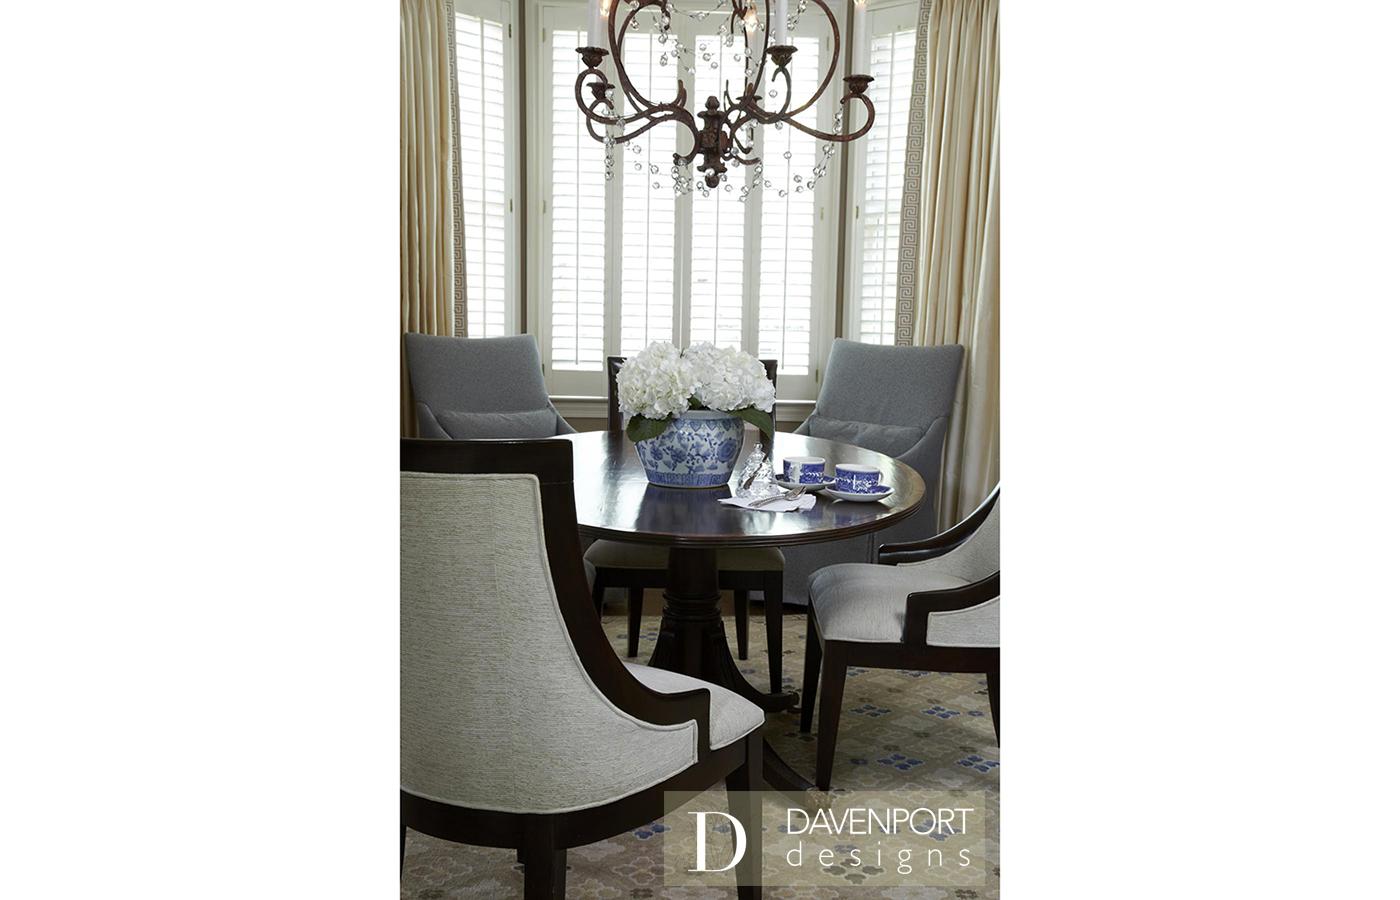 Davenport2012_Diningroom2.jpg